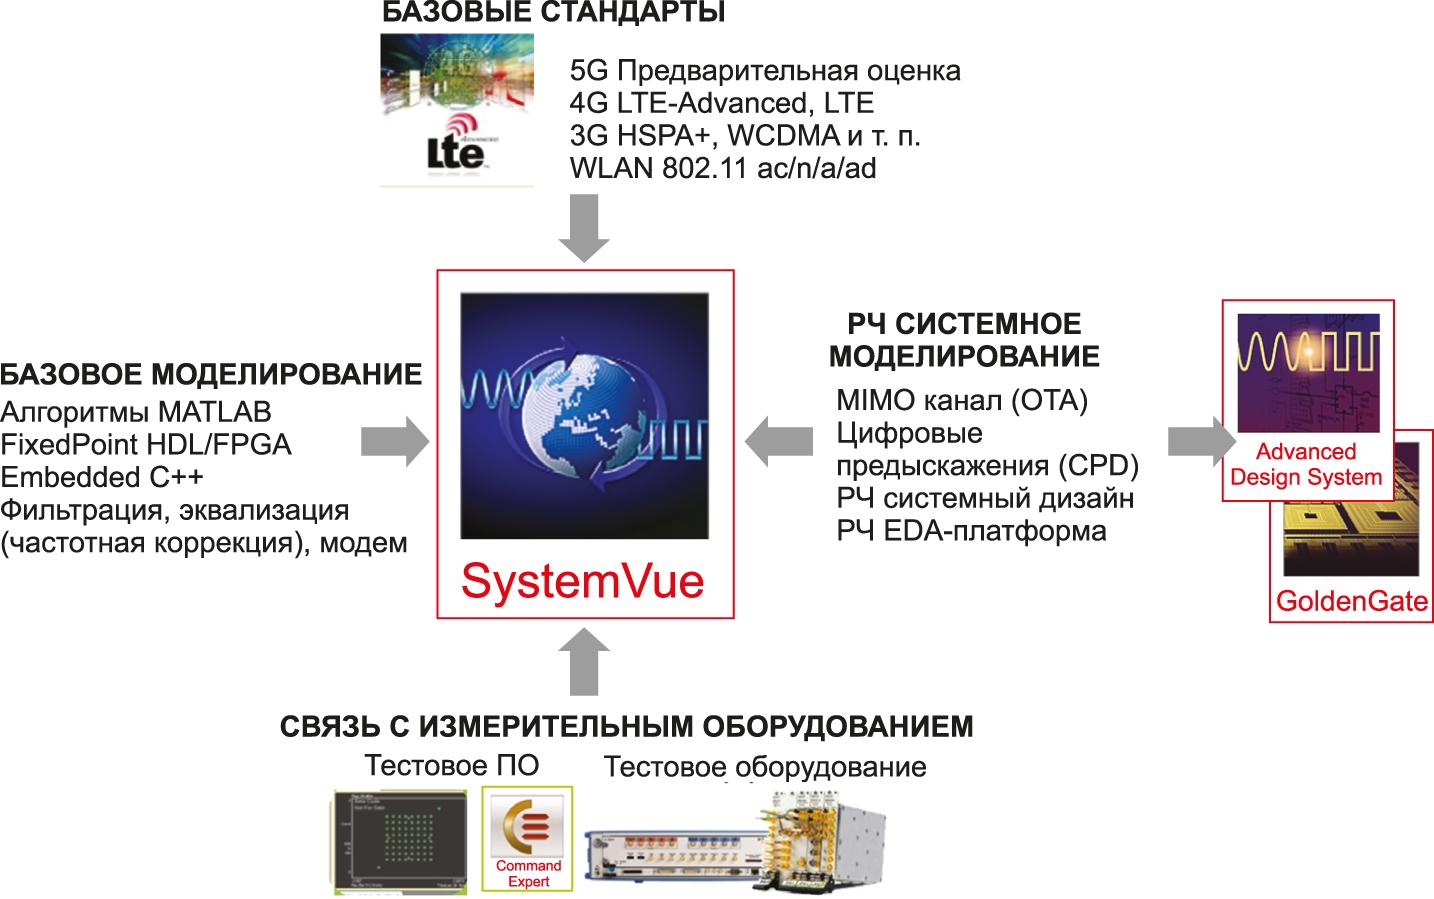 ПО SystemVue — ядро для междоменной среды разработки